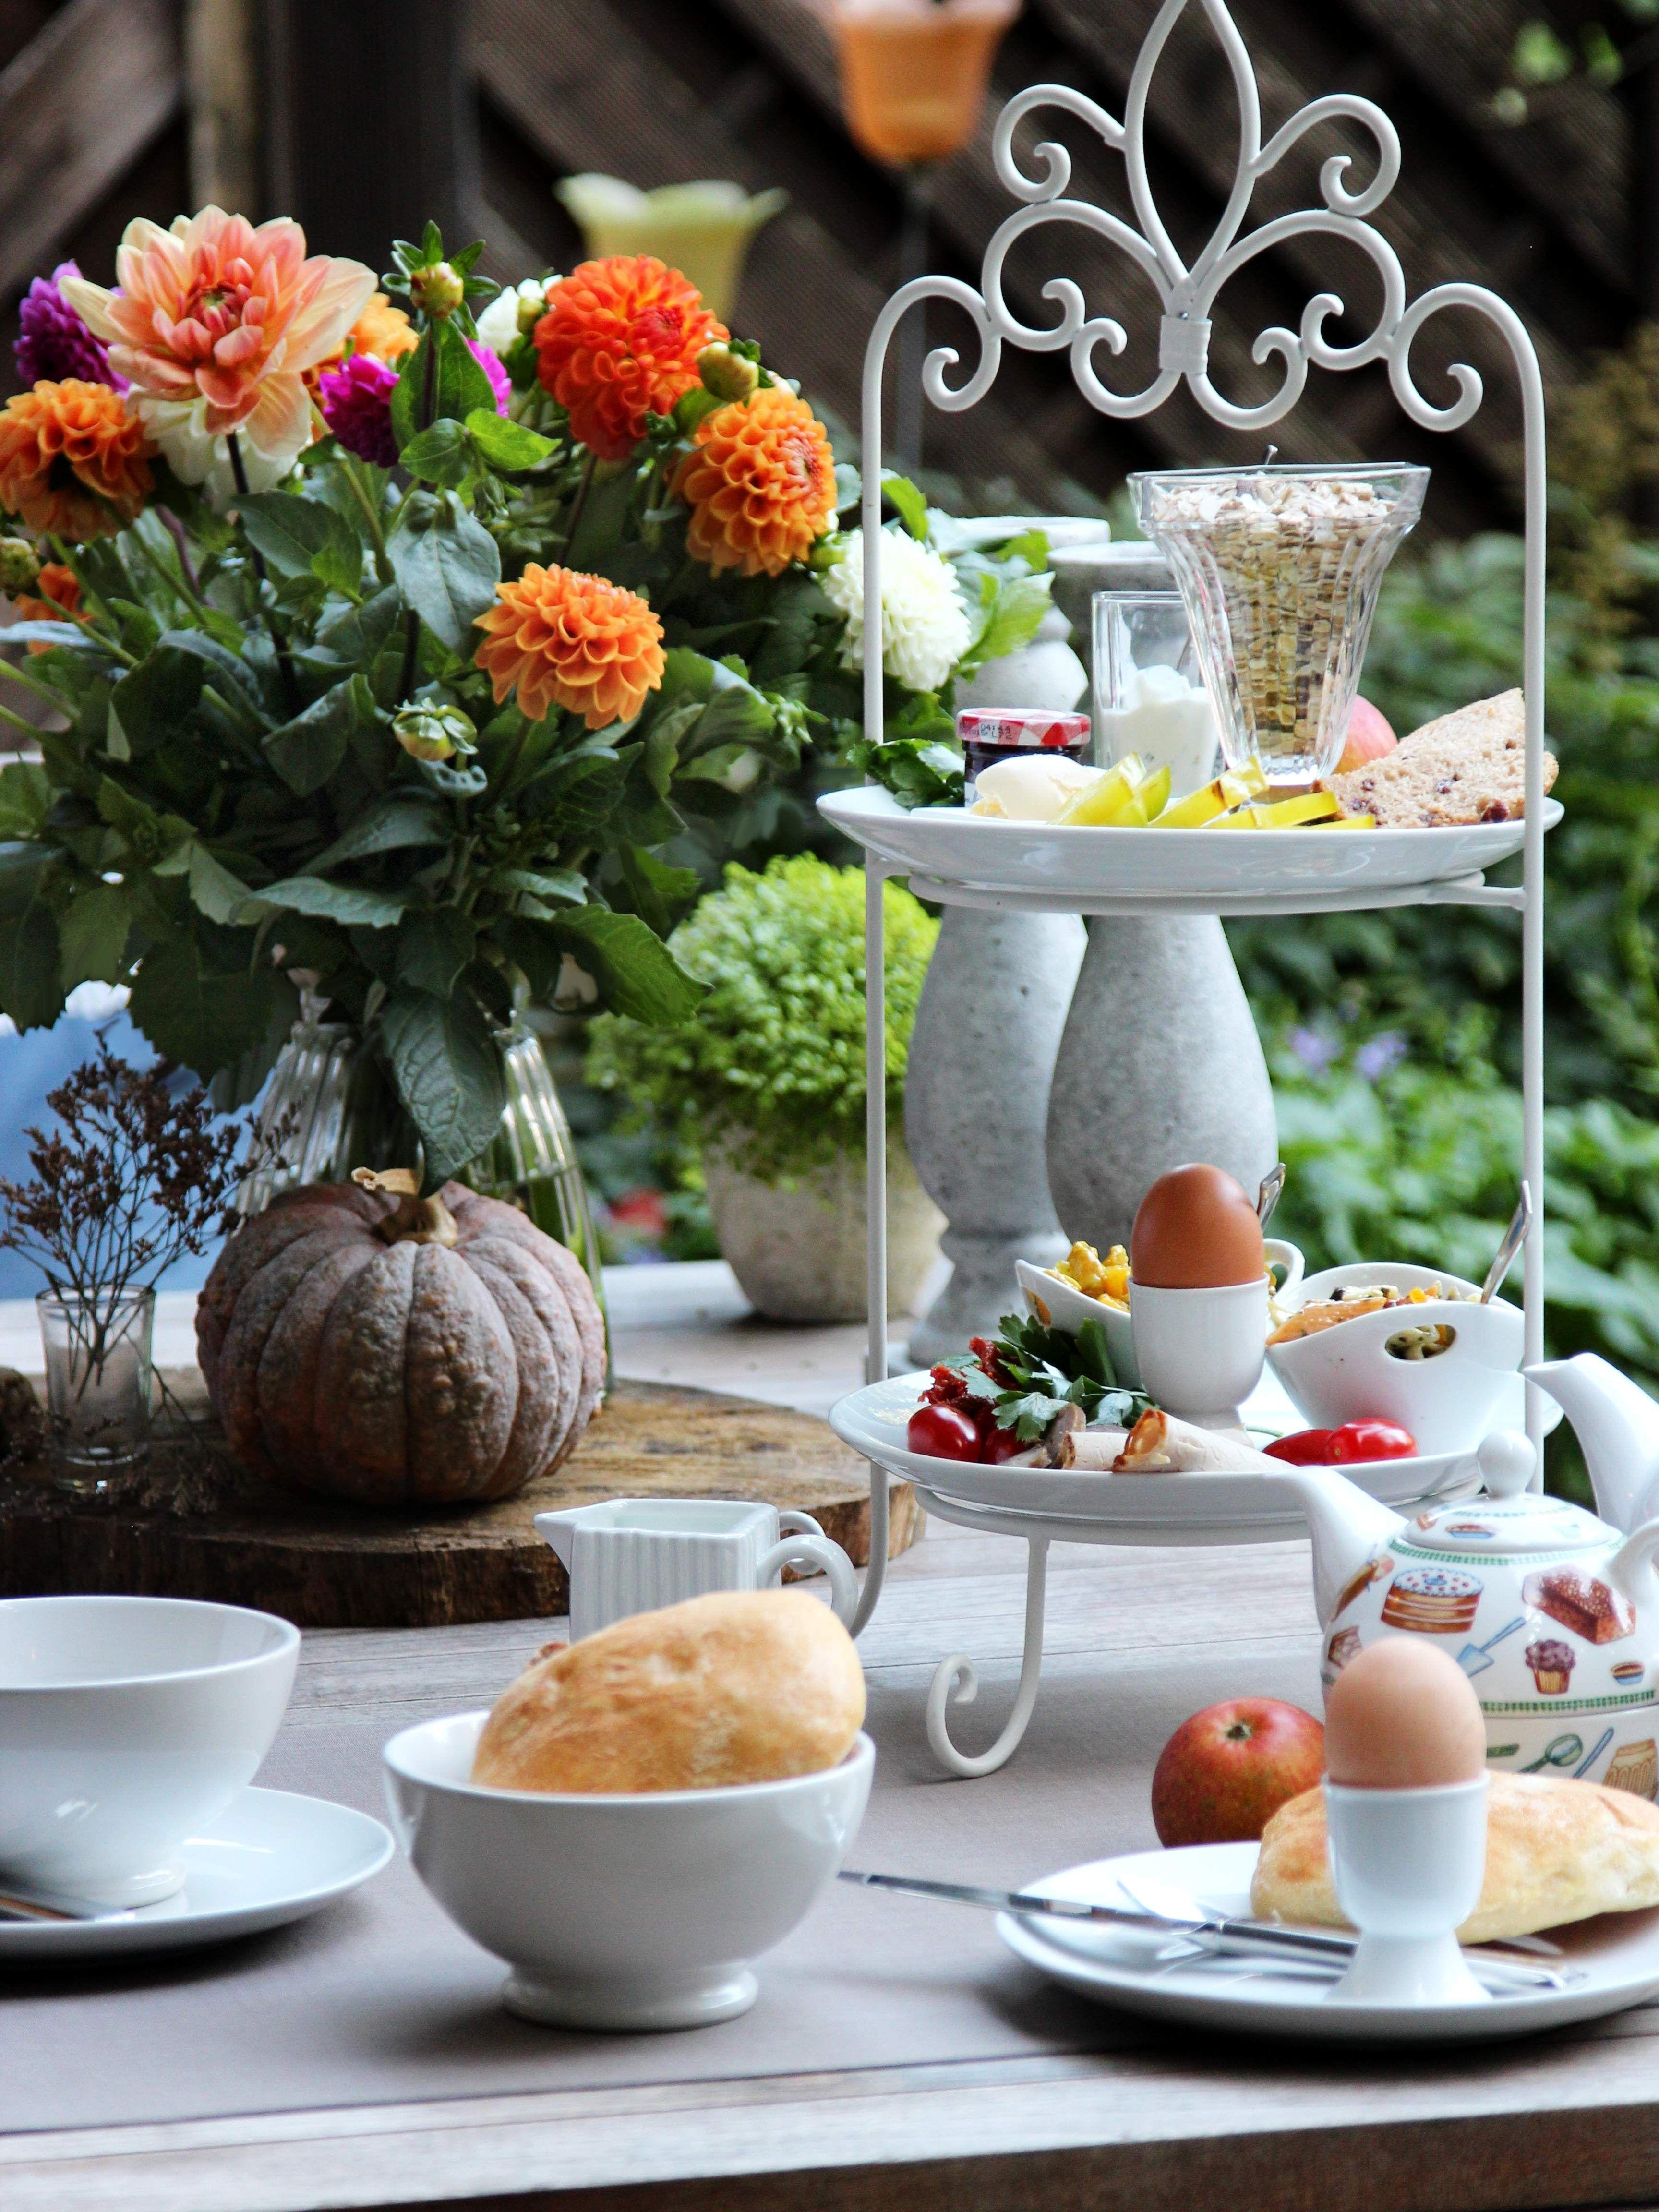 Etagere auf Frühstückstisch, gedeckter Tisch zum Frühstück #tischdekoherbstesstisch Etagere auf Frühstückstisch, gedeckter Tisch zum Frühstück #gedecktertisch Etagere auf Frühstückstisch, gedeckter Tisch zum Frühstück #tischdekoherbstesstisch Etagere auf Frühstückstisch, gedeckter Tisch zum Frühstück #gedecktertisch